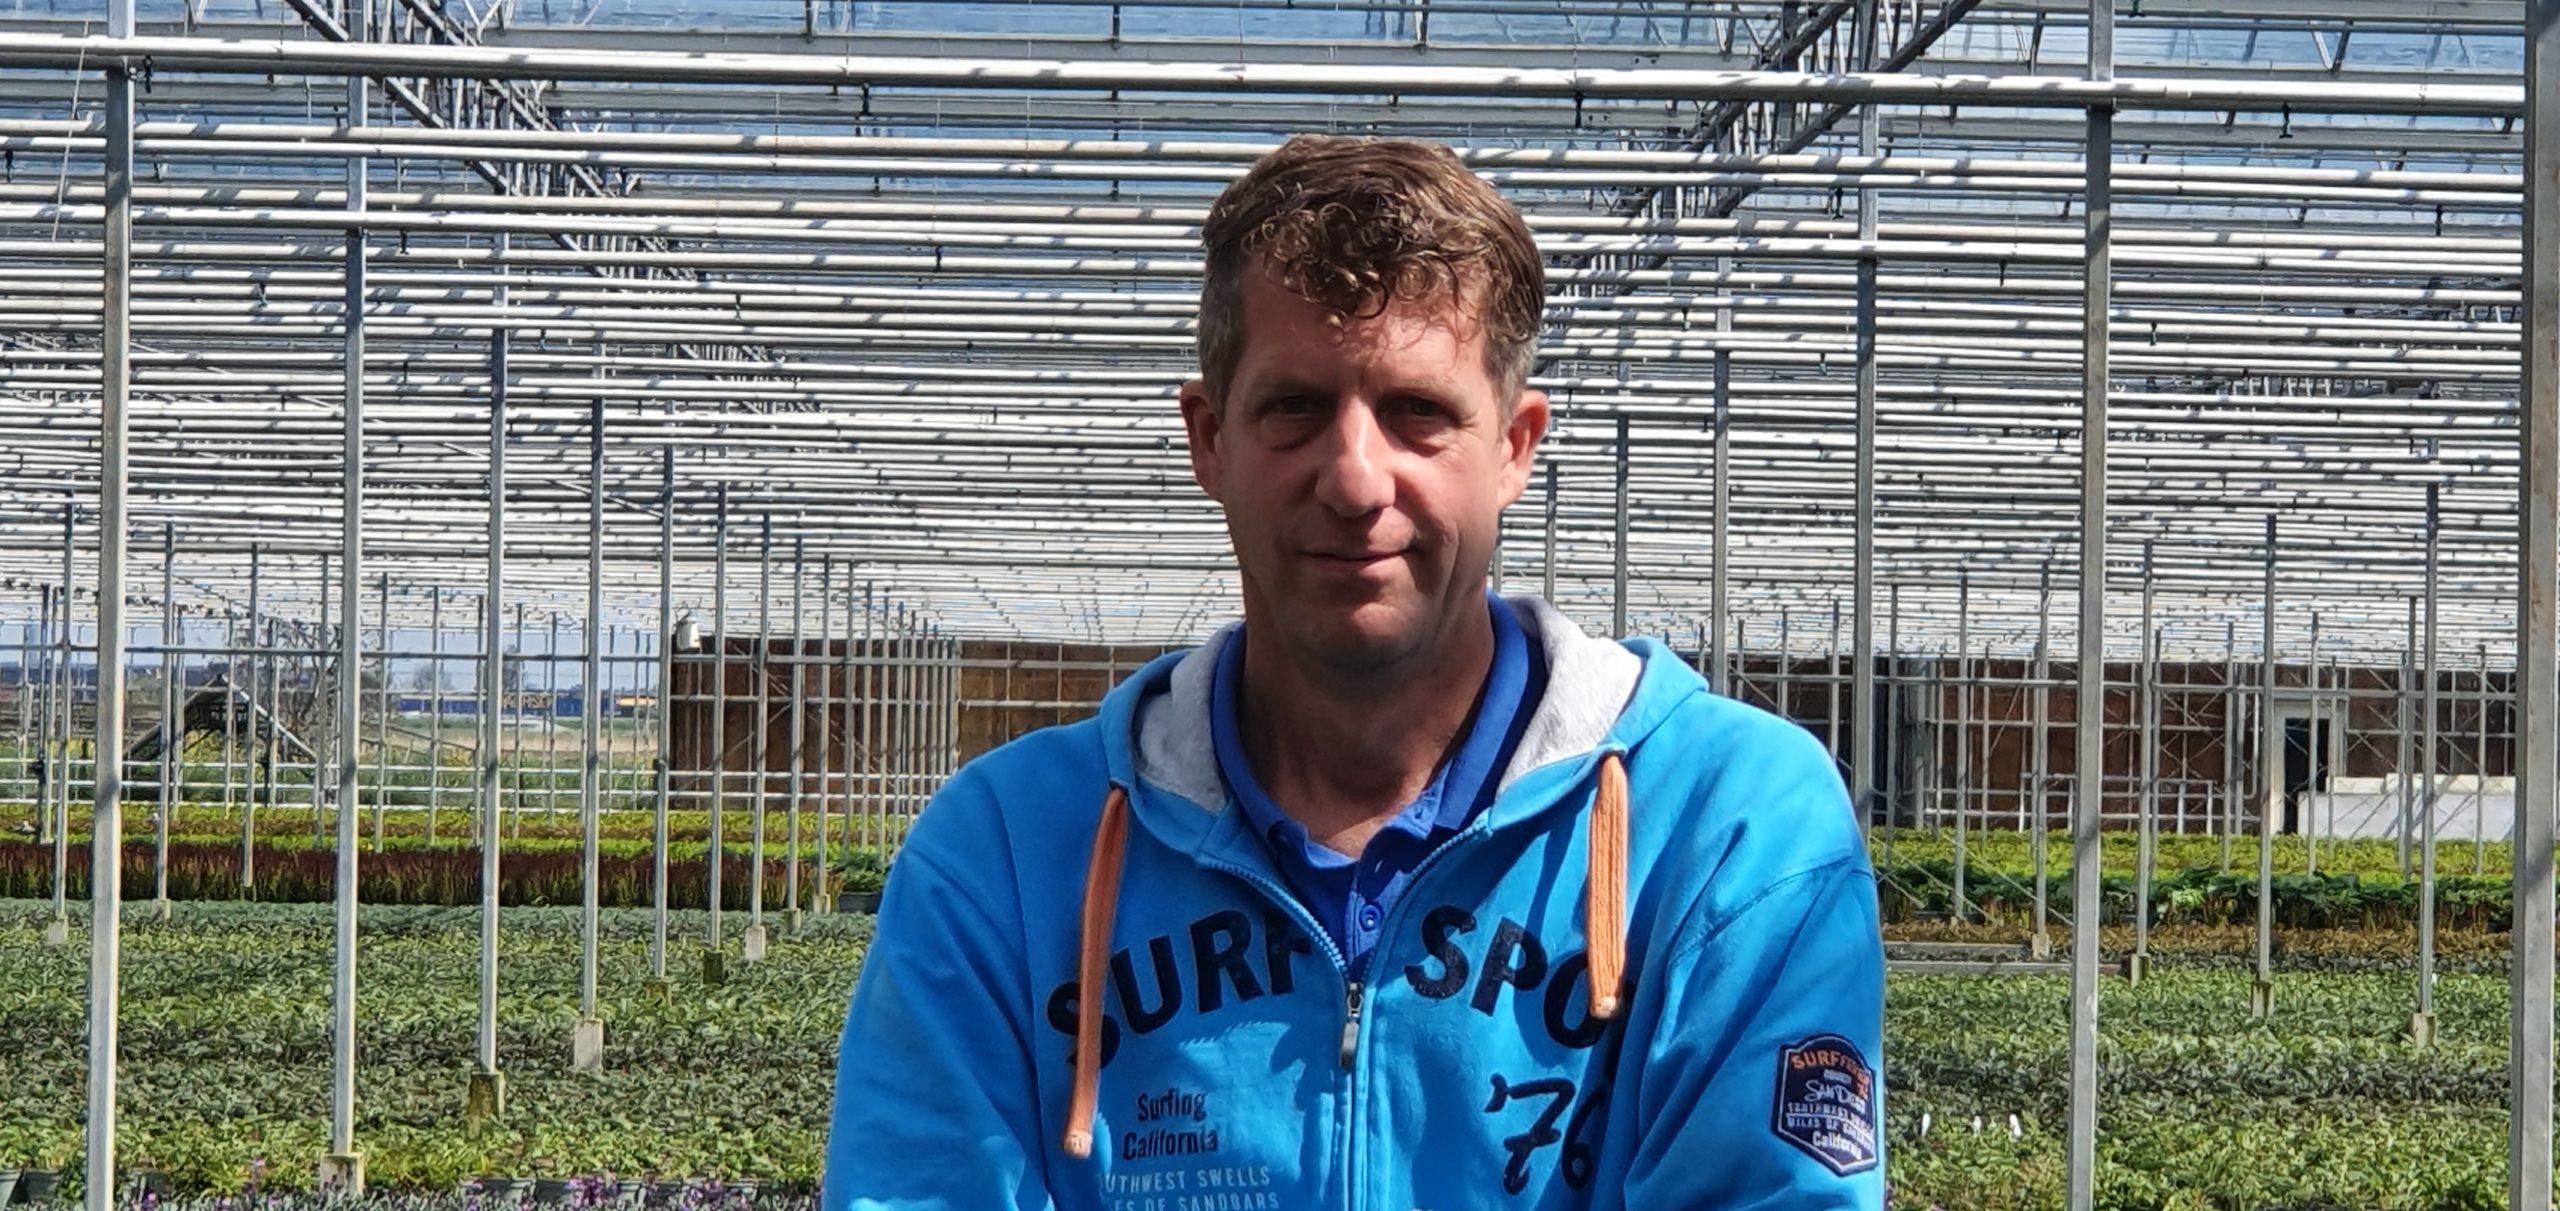 Robert van den Broek